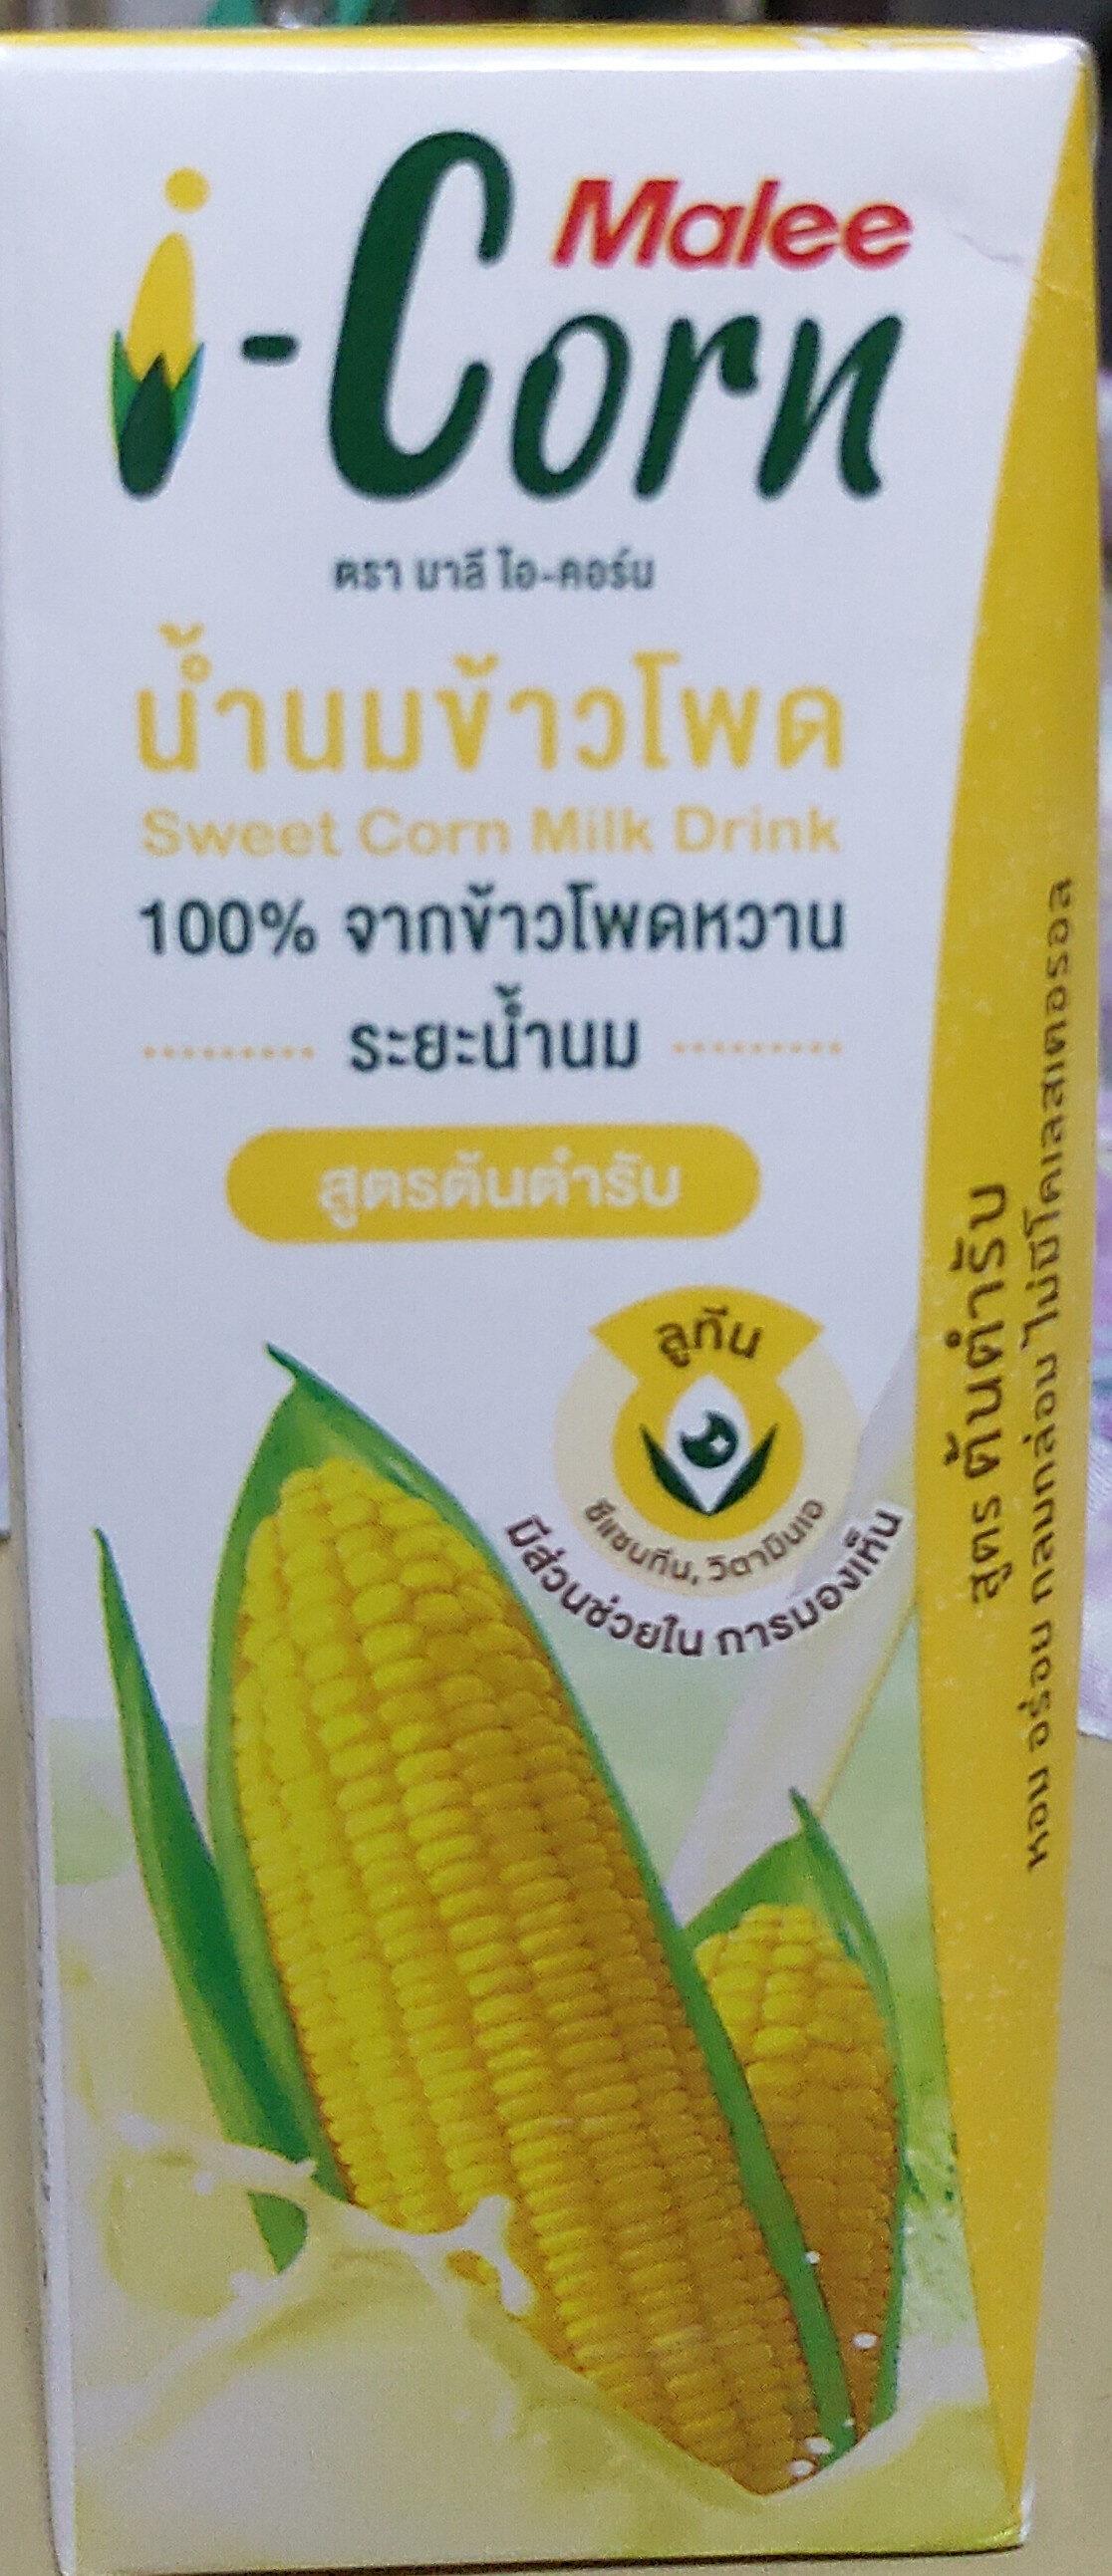 Malee sweet corn milk - Prodotto - en